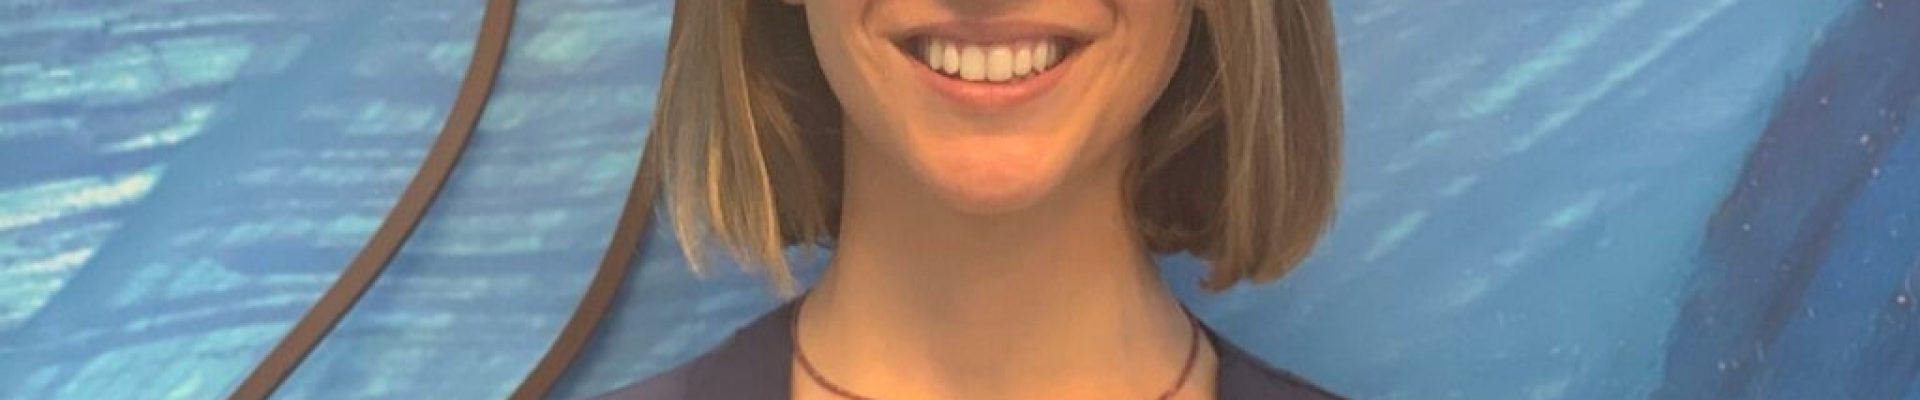 Leire Izaskun Odontologa Clinica Dental Achutegui Dentista Amara Donostia San Sebastian